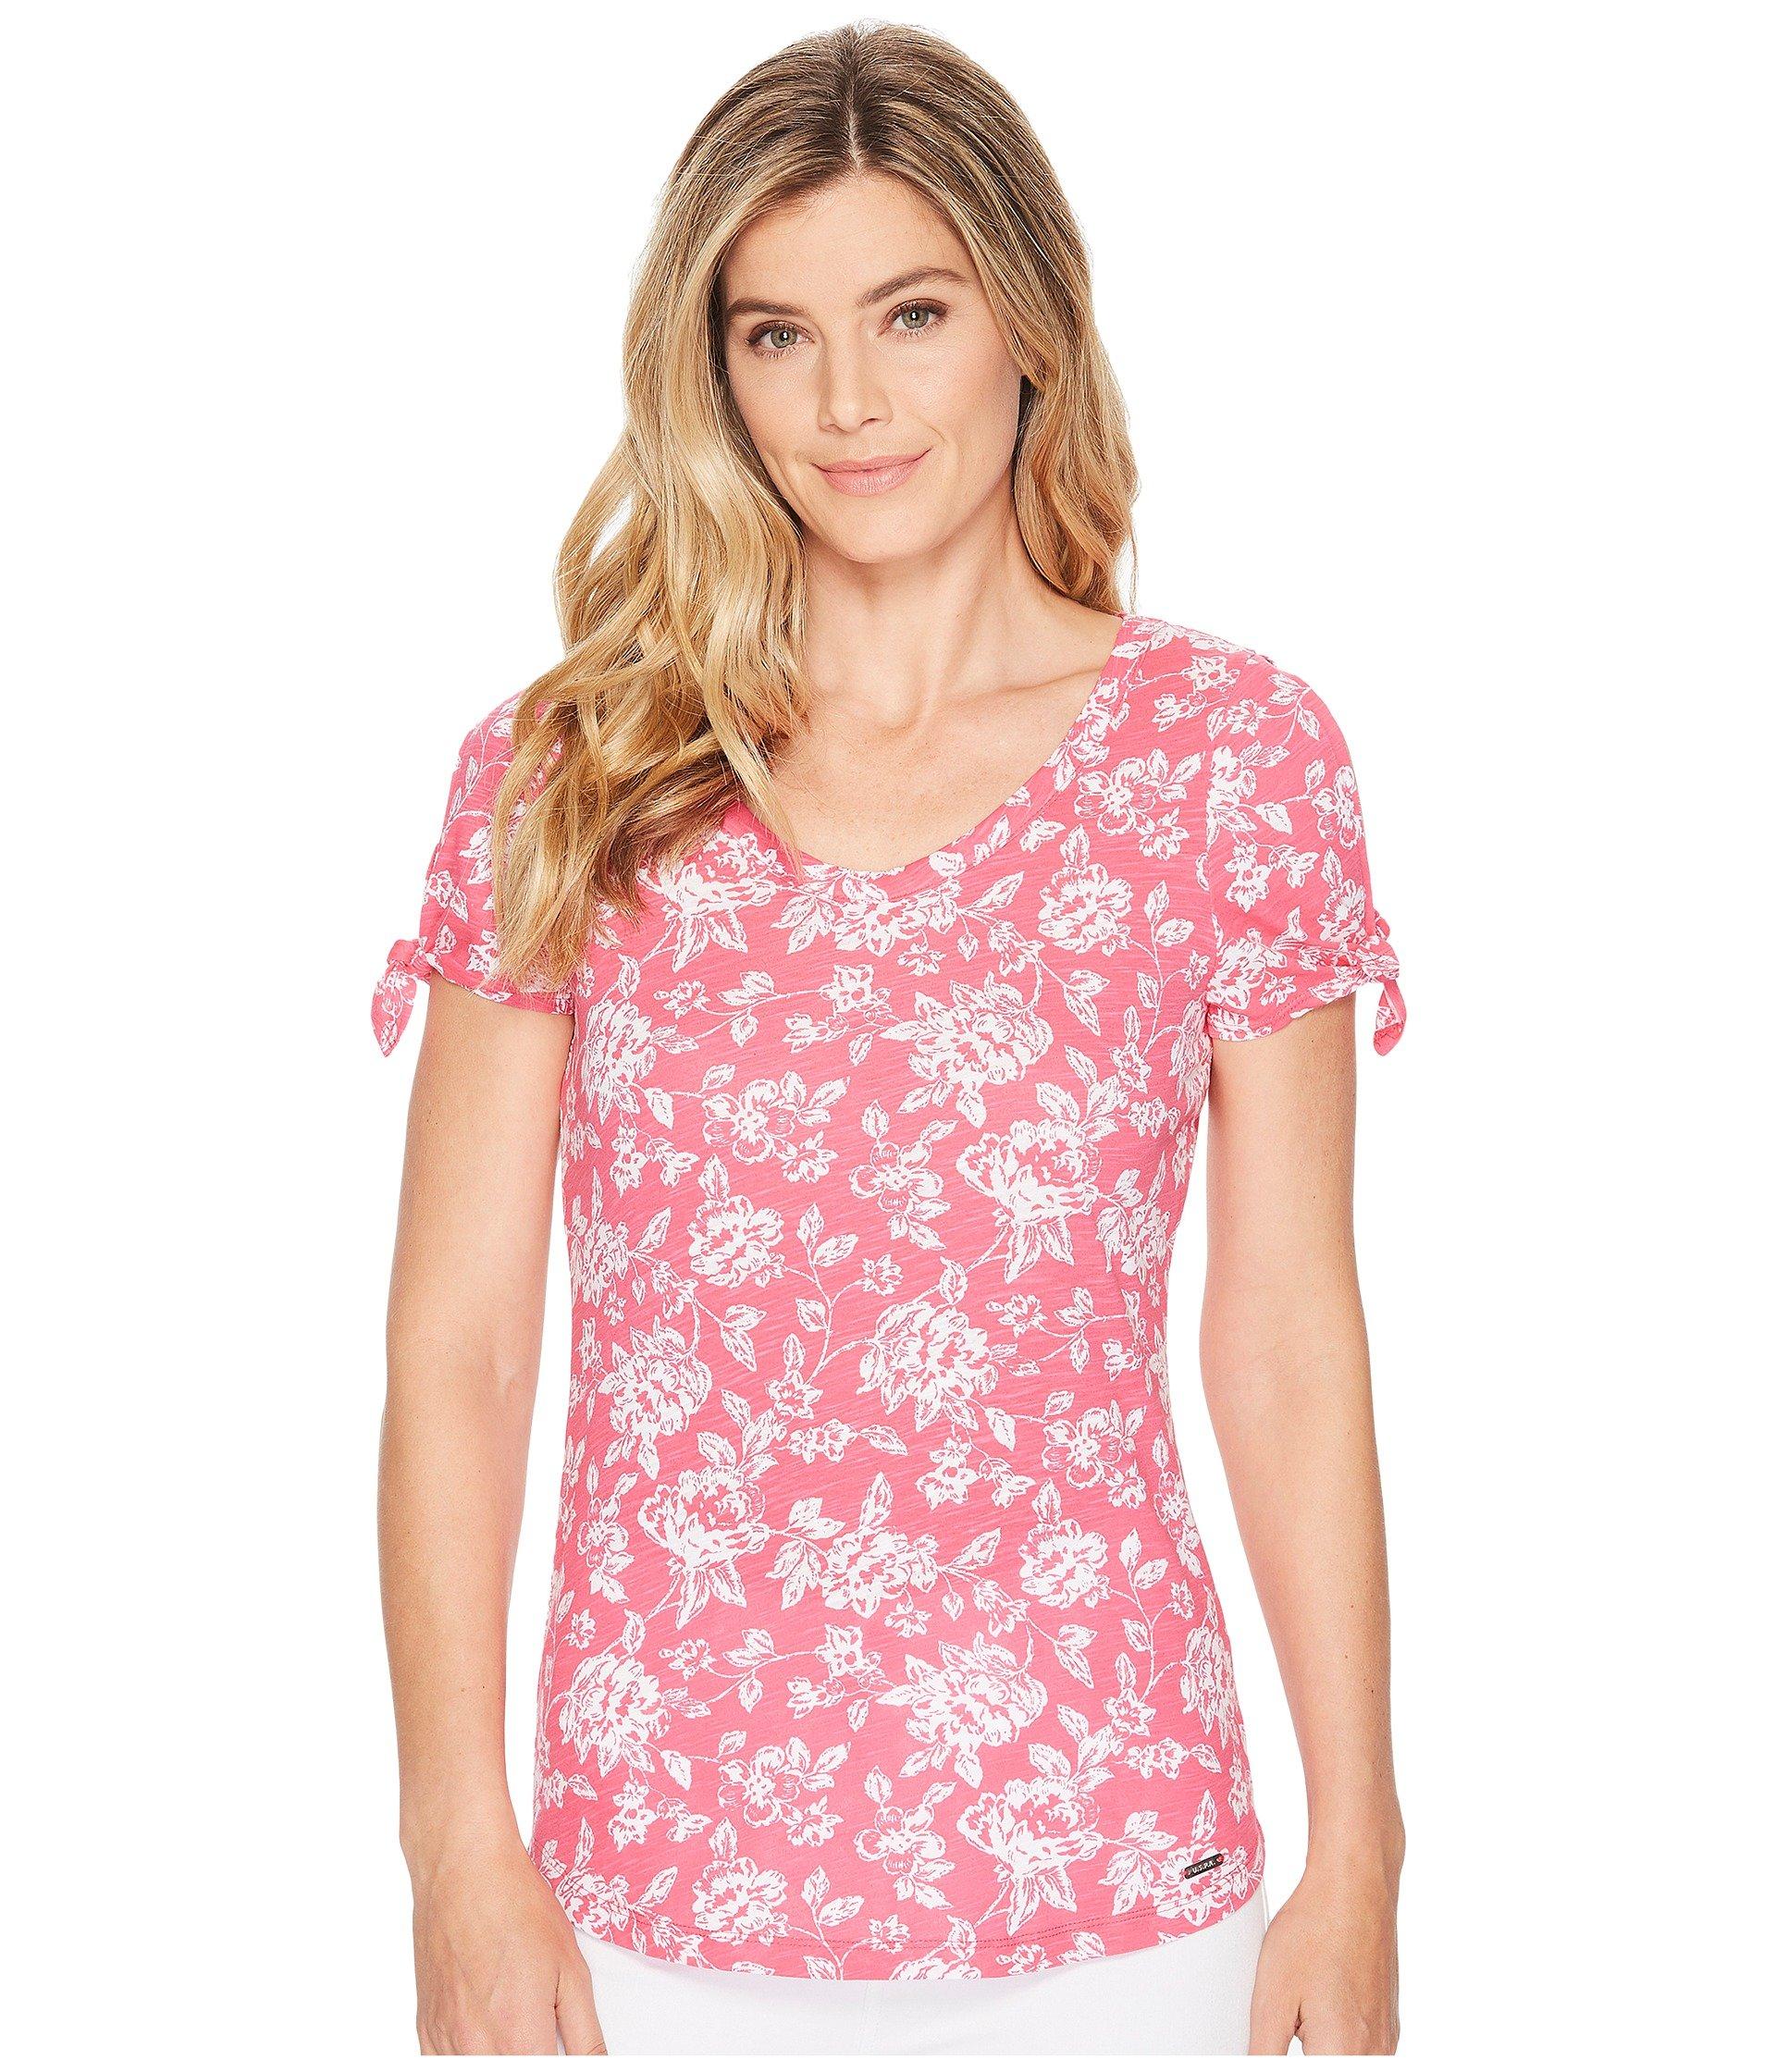 Blusa para Mujer U.S. POLO ASSN. Bandana Floral Blouse  + U.S. POLO ASSN. en VeoyCompro.net